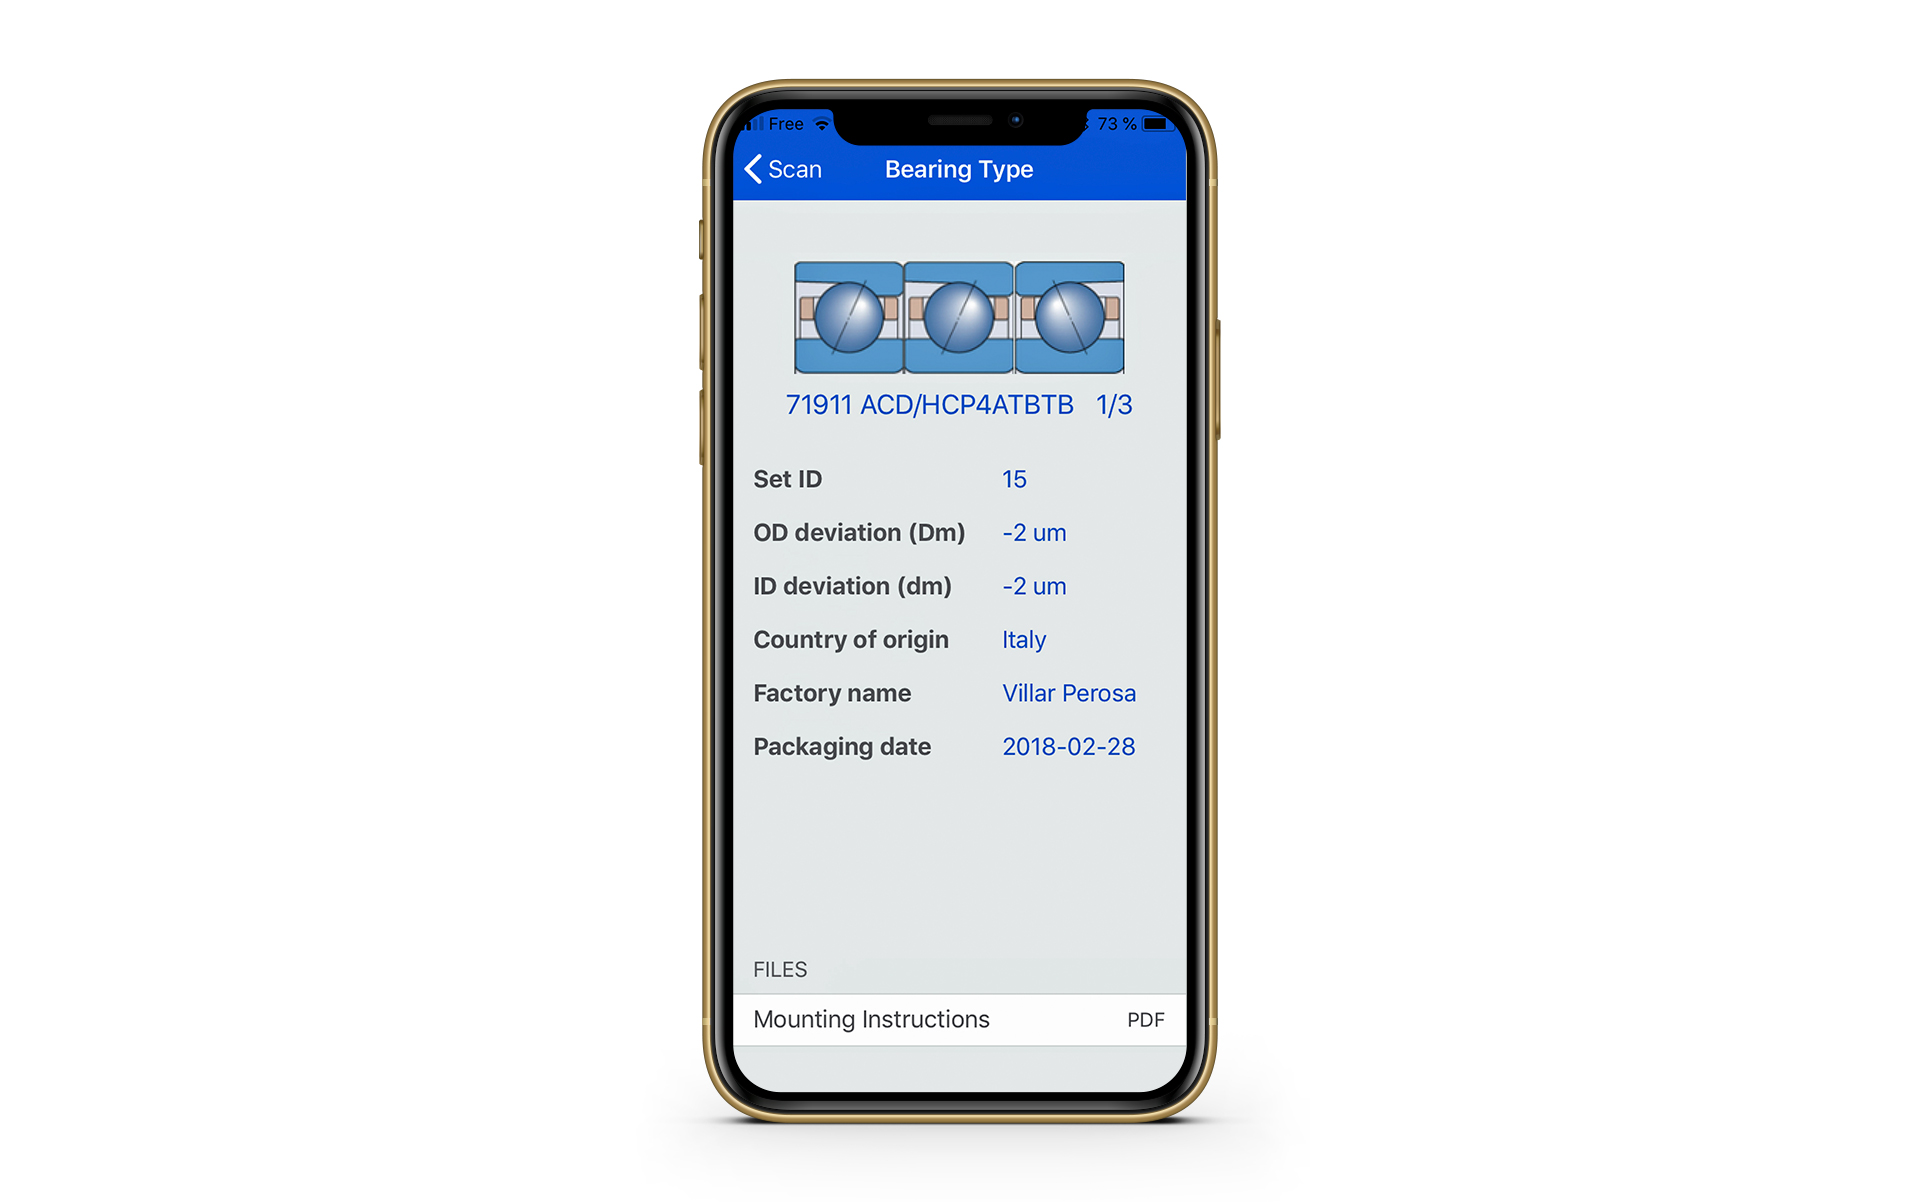 Nuova app per la tracciabilità dei cuscinetti